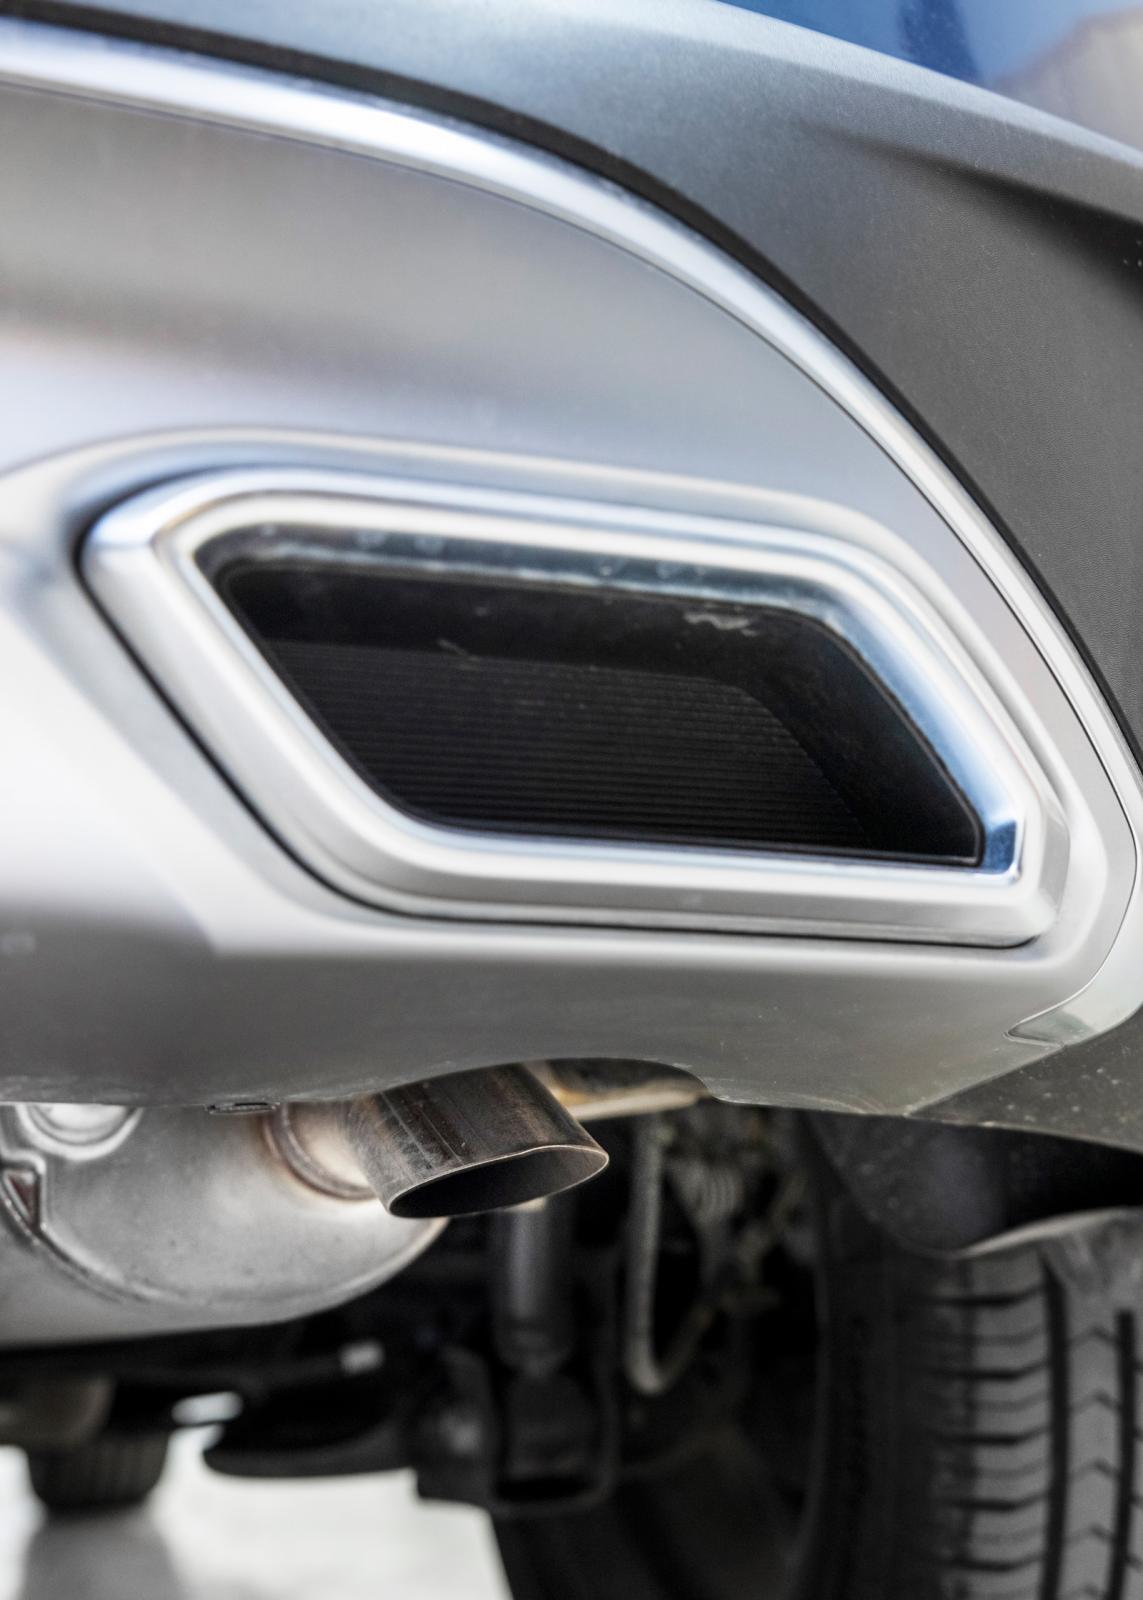 Stonics avgasromber är bara kulisser, det riktiga avgasröret gömmer sig under bilen. I Dacia slutar avgasröret i höjd med vänster bakdörr, udda.